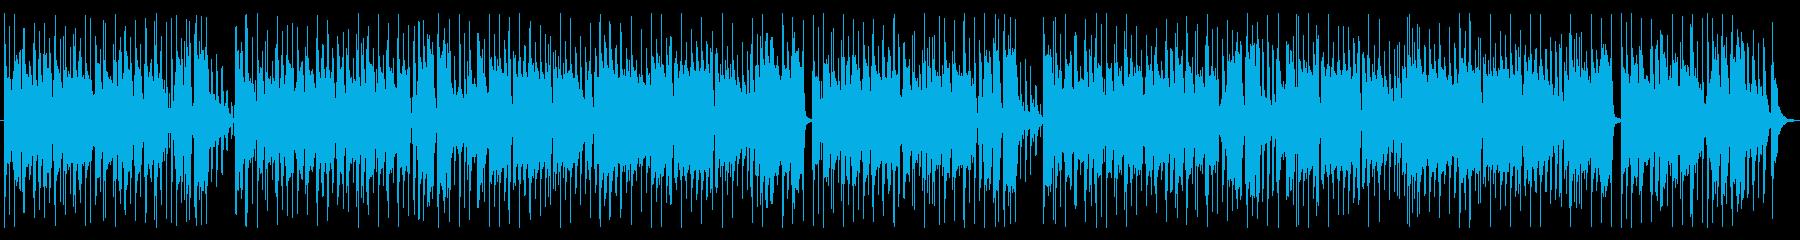 商品紹介やトークに♪王道のほのぼの日常曲の再生済みの波形